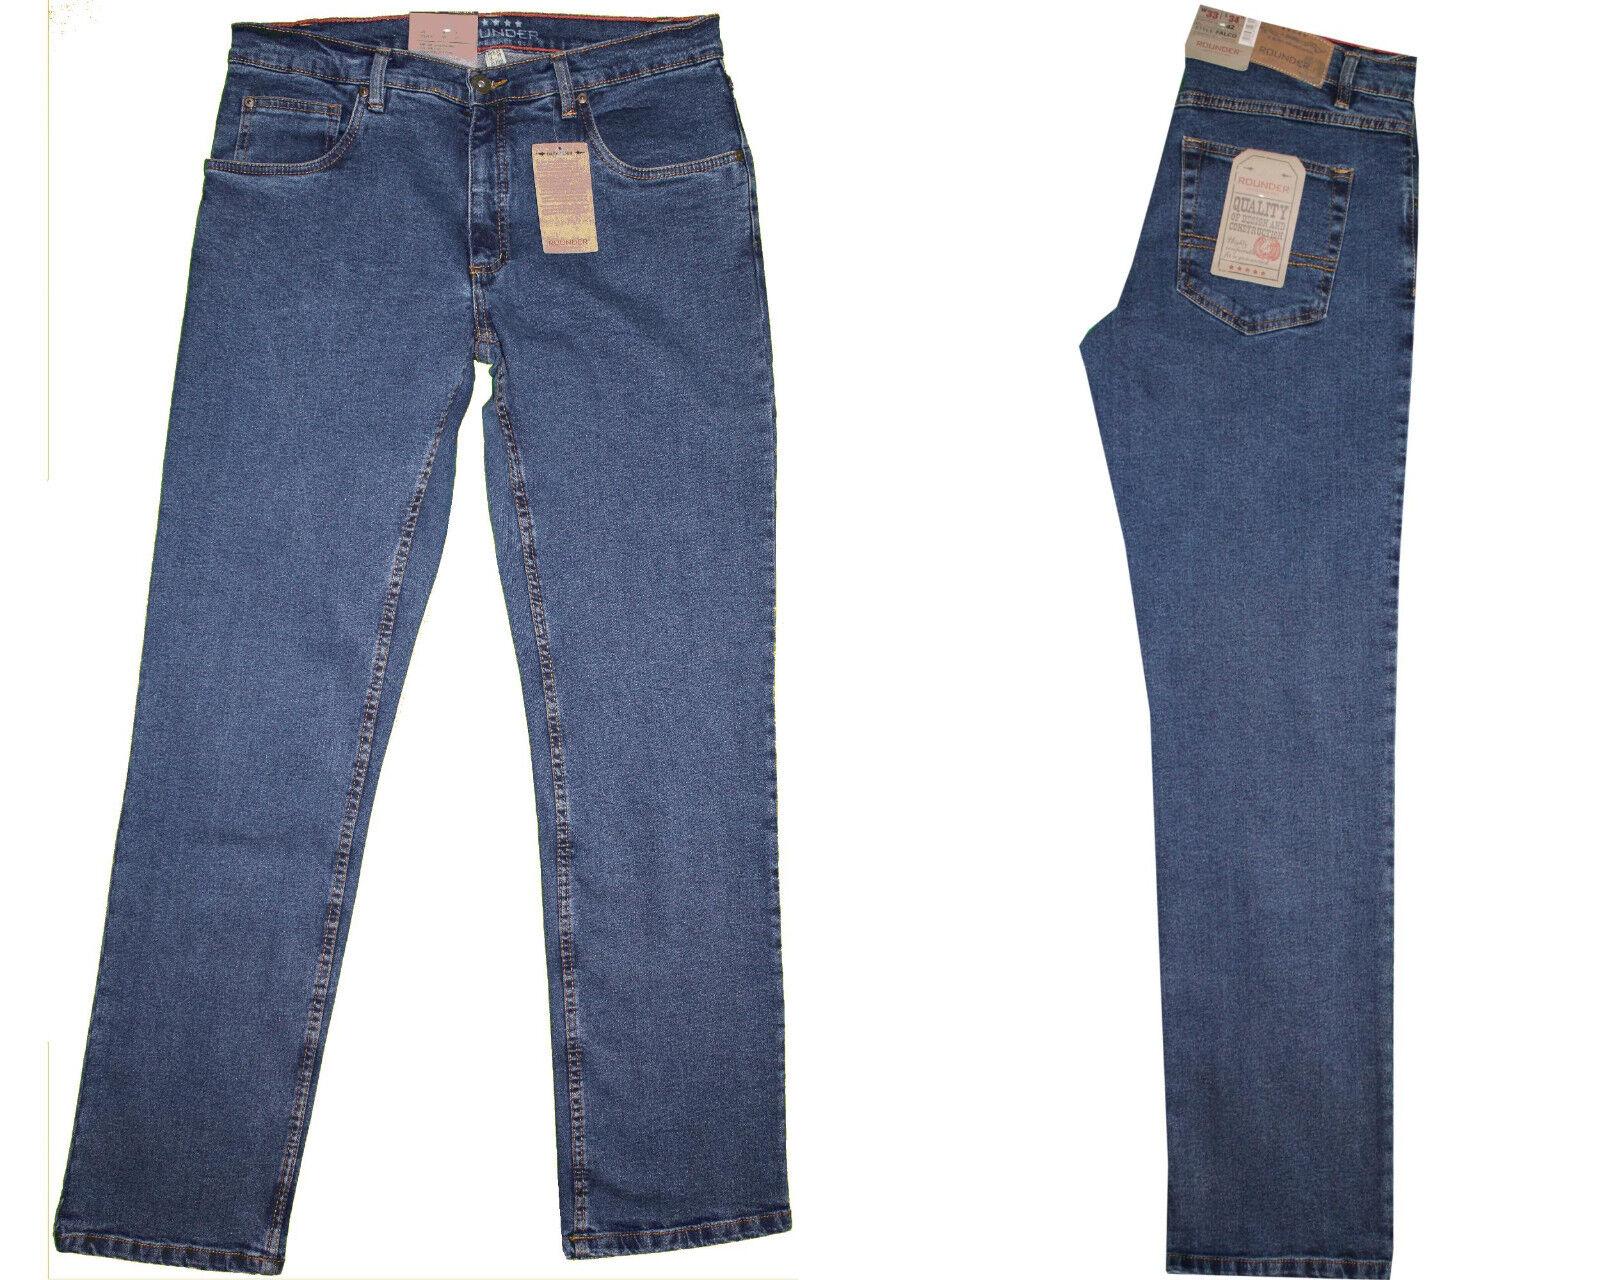 rounder by stooker herren stretch jeans hose topangebot ebay. Black Bedroom Furniture Sets. Home Design Ideas